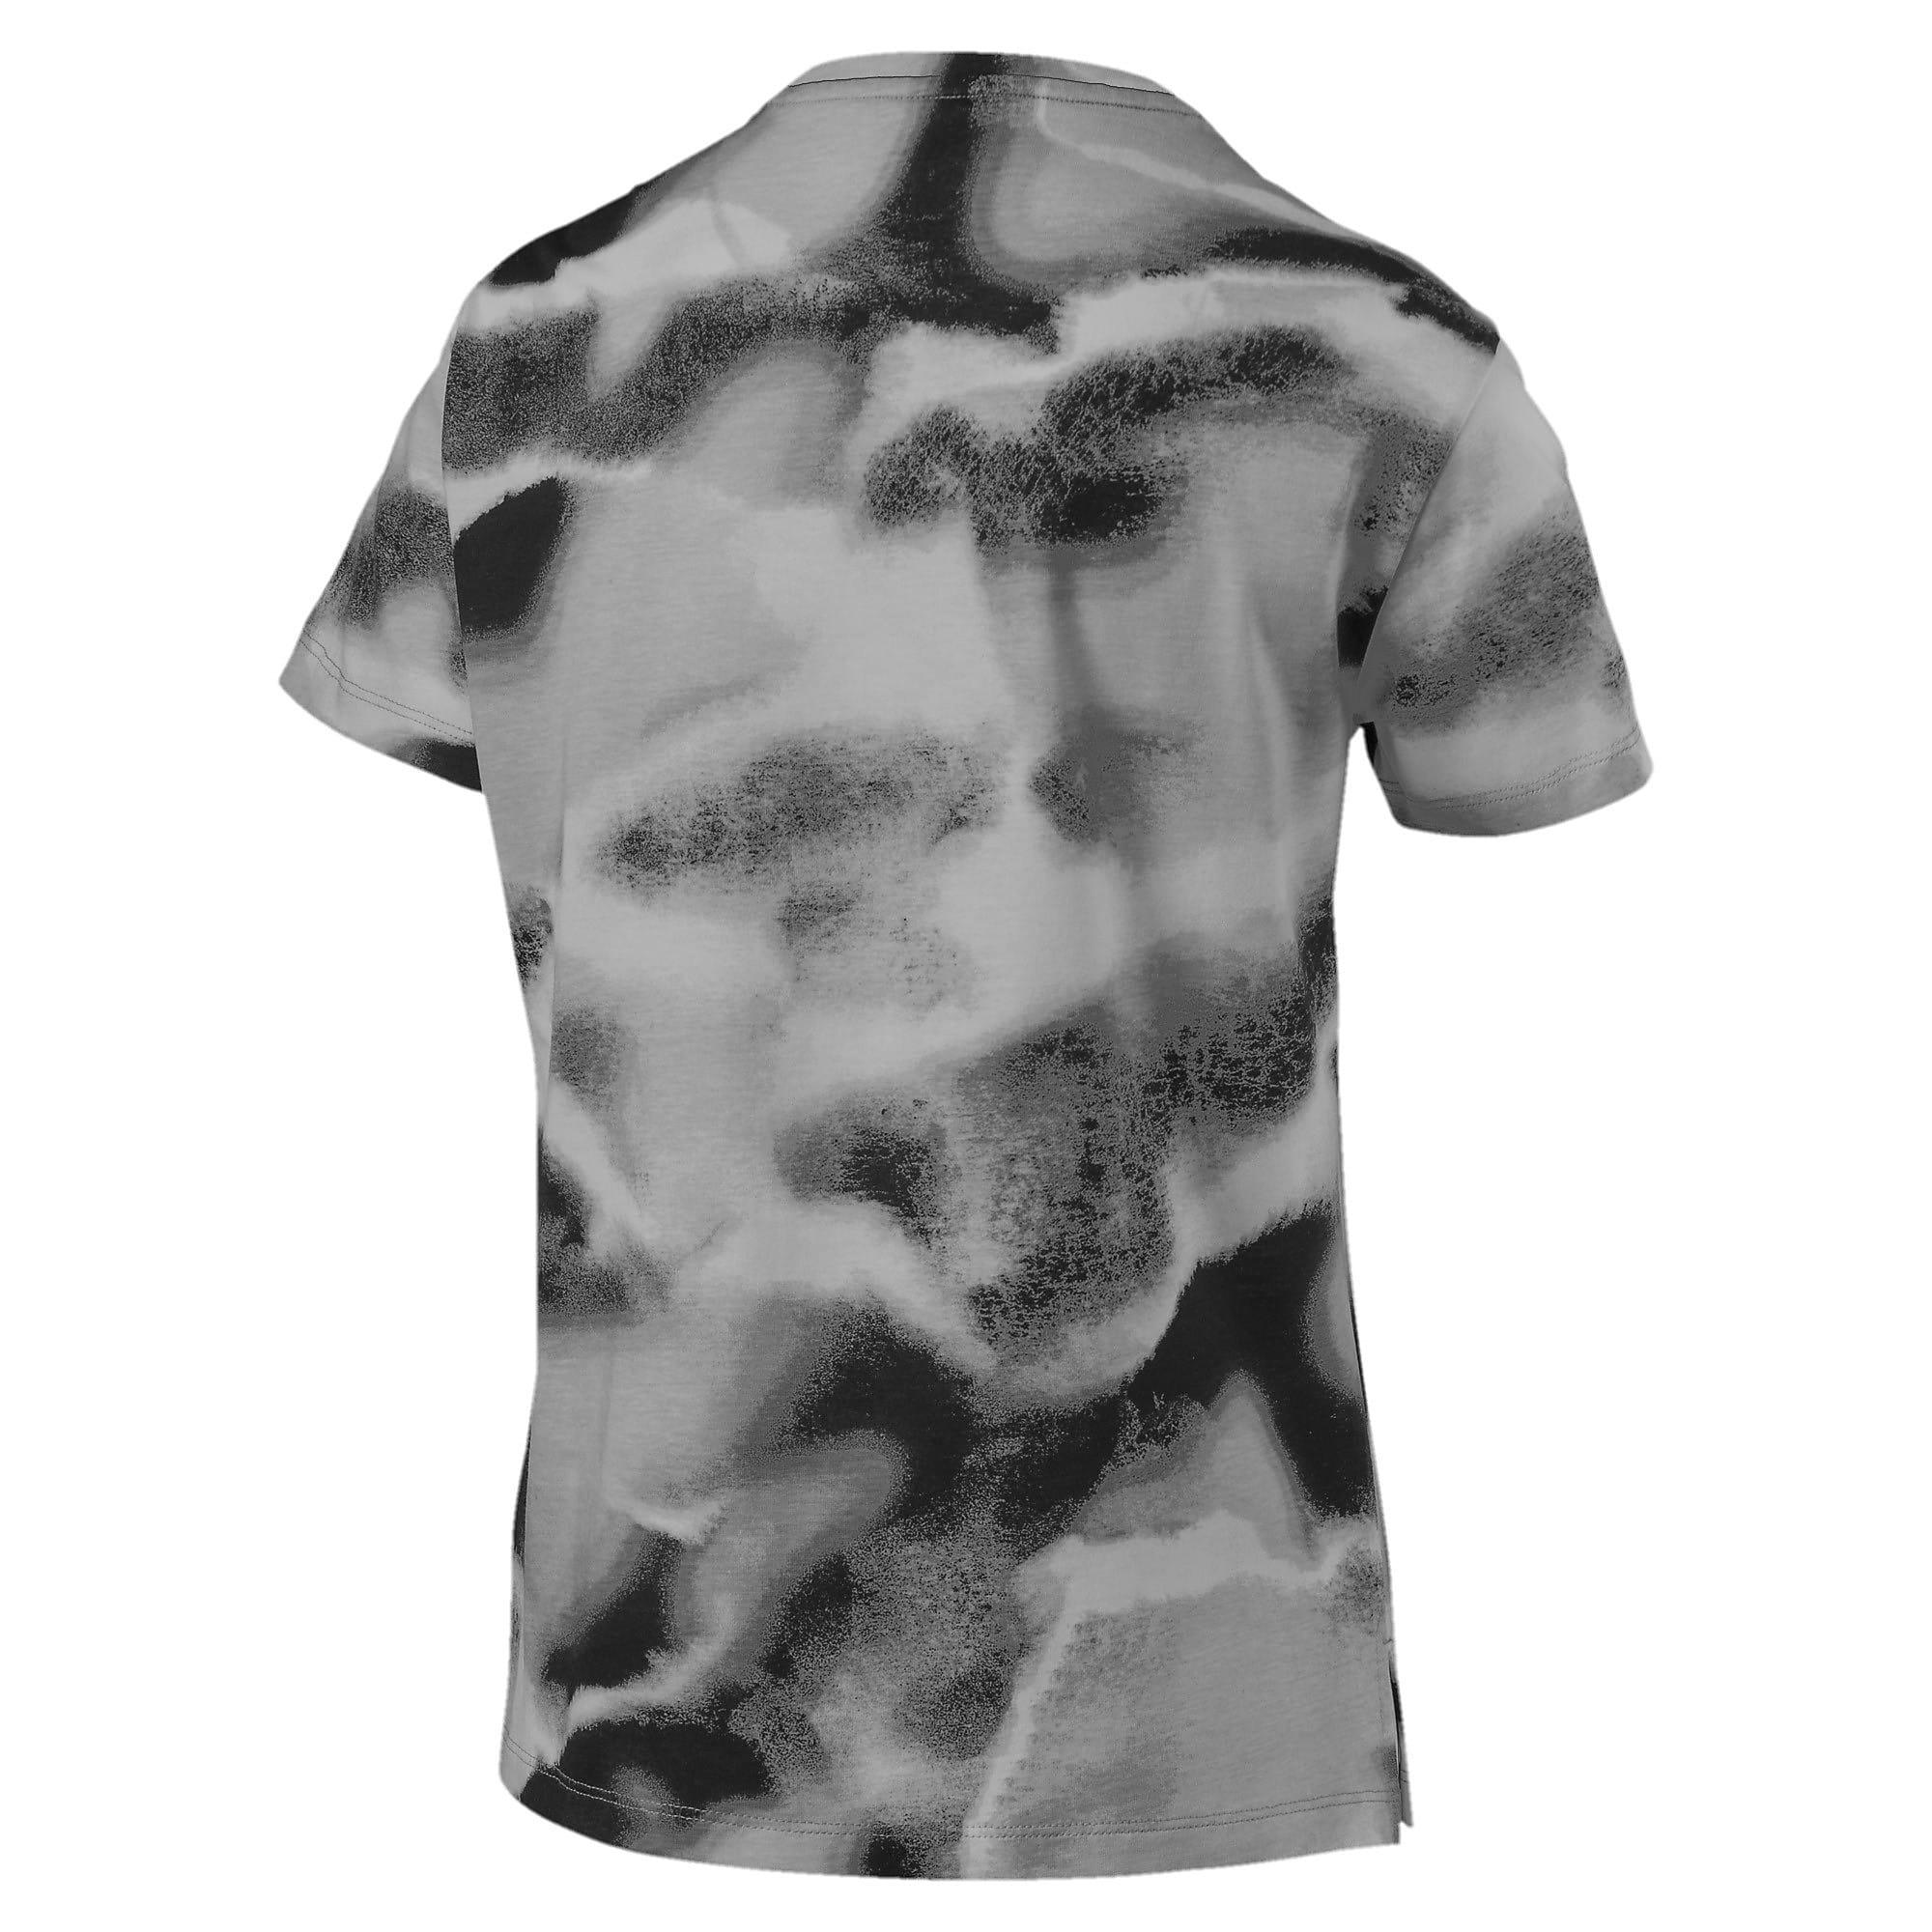 Thumbnail 3 of CLOUD パック ウィメンズ AOP Tシャツ, Puma Black, medium-JPN